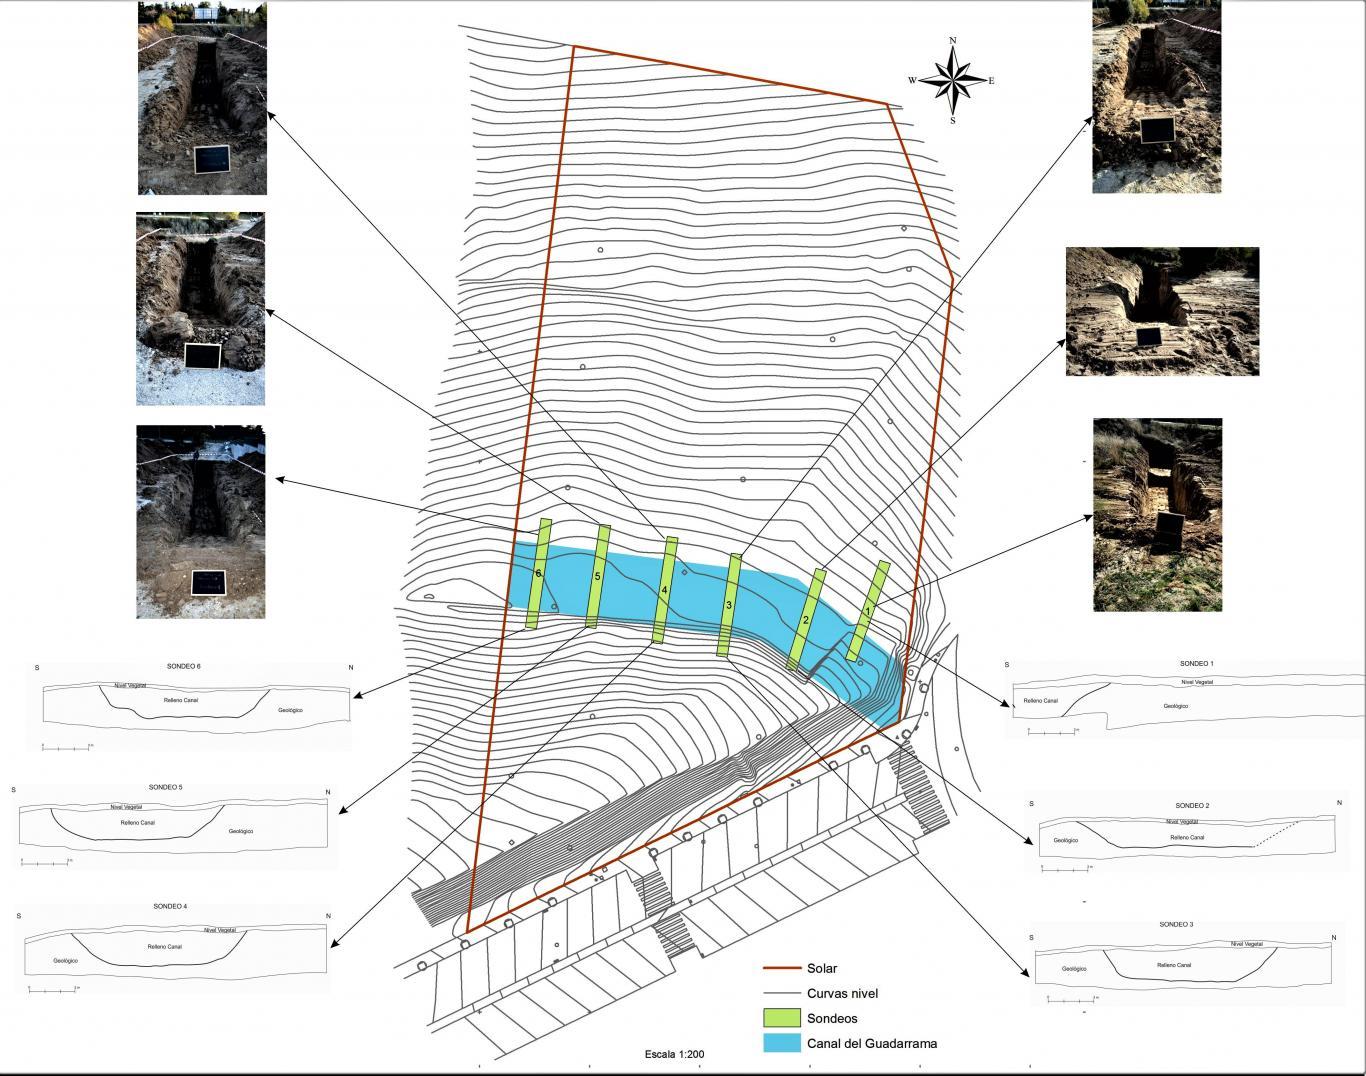 Disposición de los sondeos en el yacimiento El Montecillo